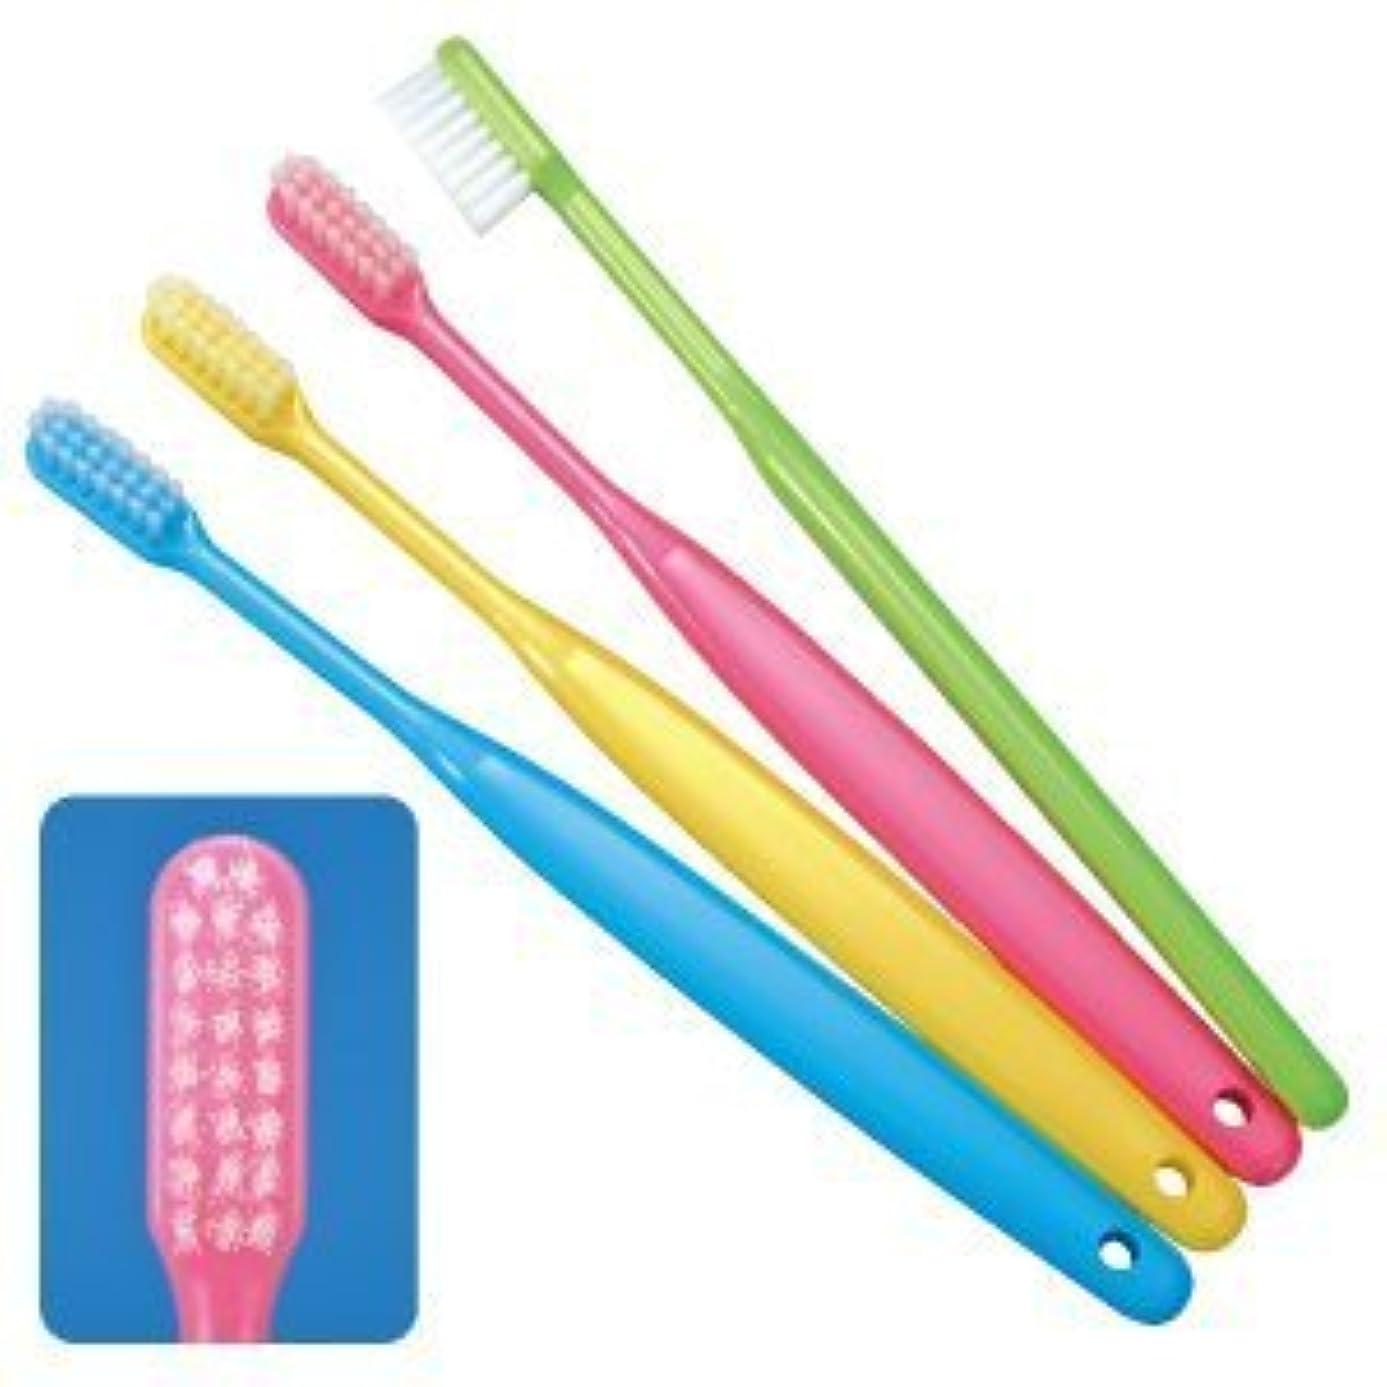 ゴミ箱を空にする最も鎮痛剤Ci バリュー歯ブラシ Sやわらかめ グリーン 50本入り